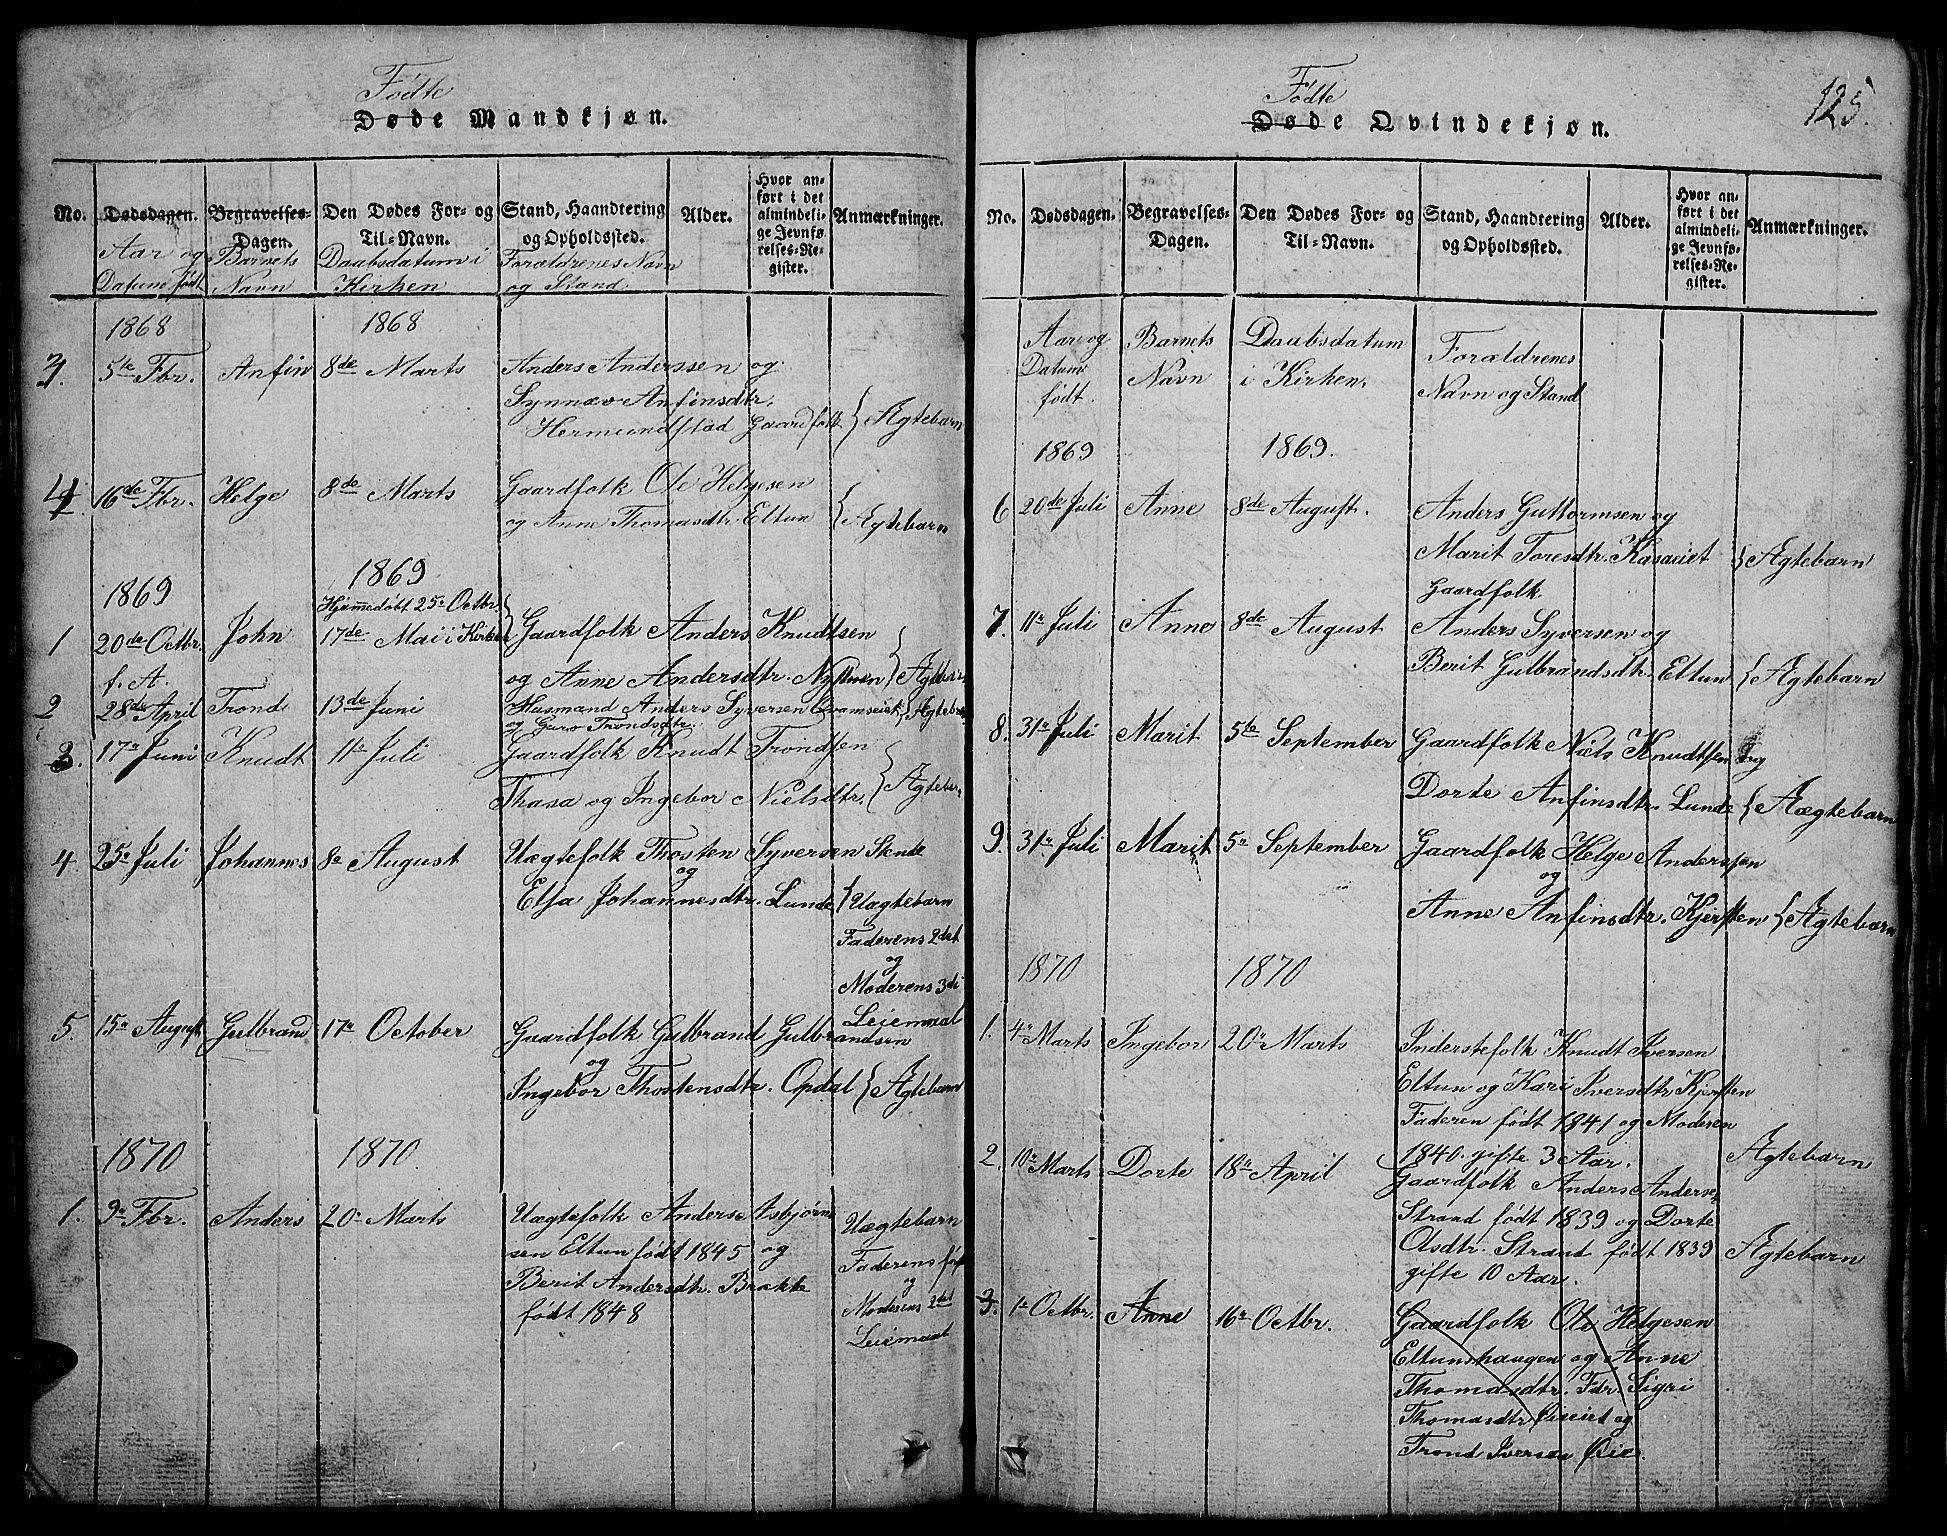 SAH, Vang prestekontor, Valdres, Klokkerbok nr. 2, 1814-1889, s. 125